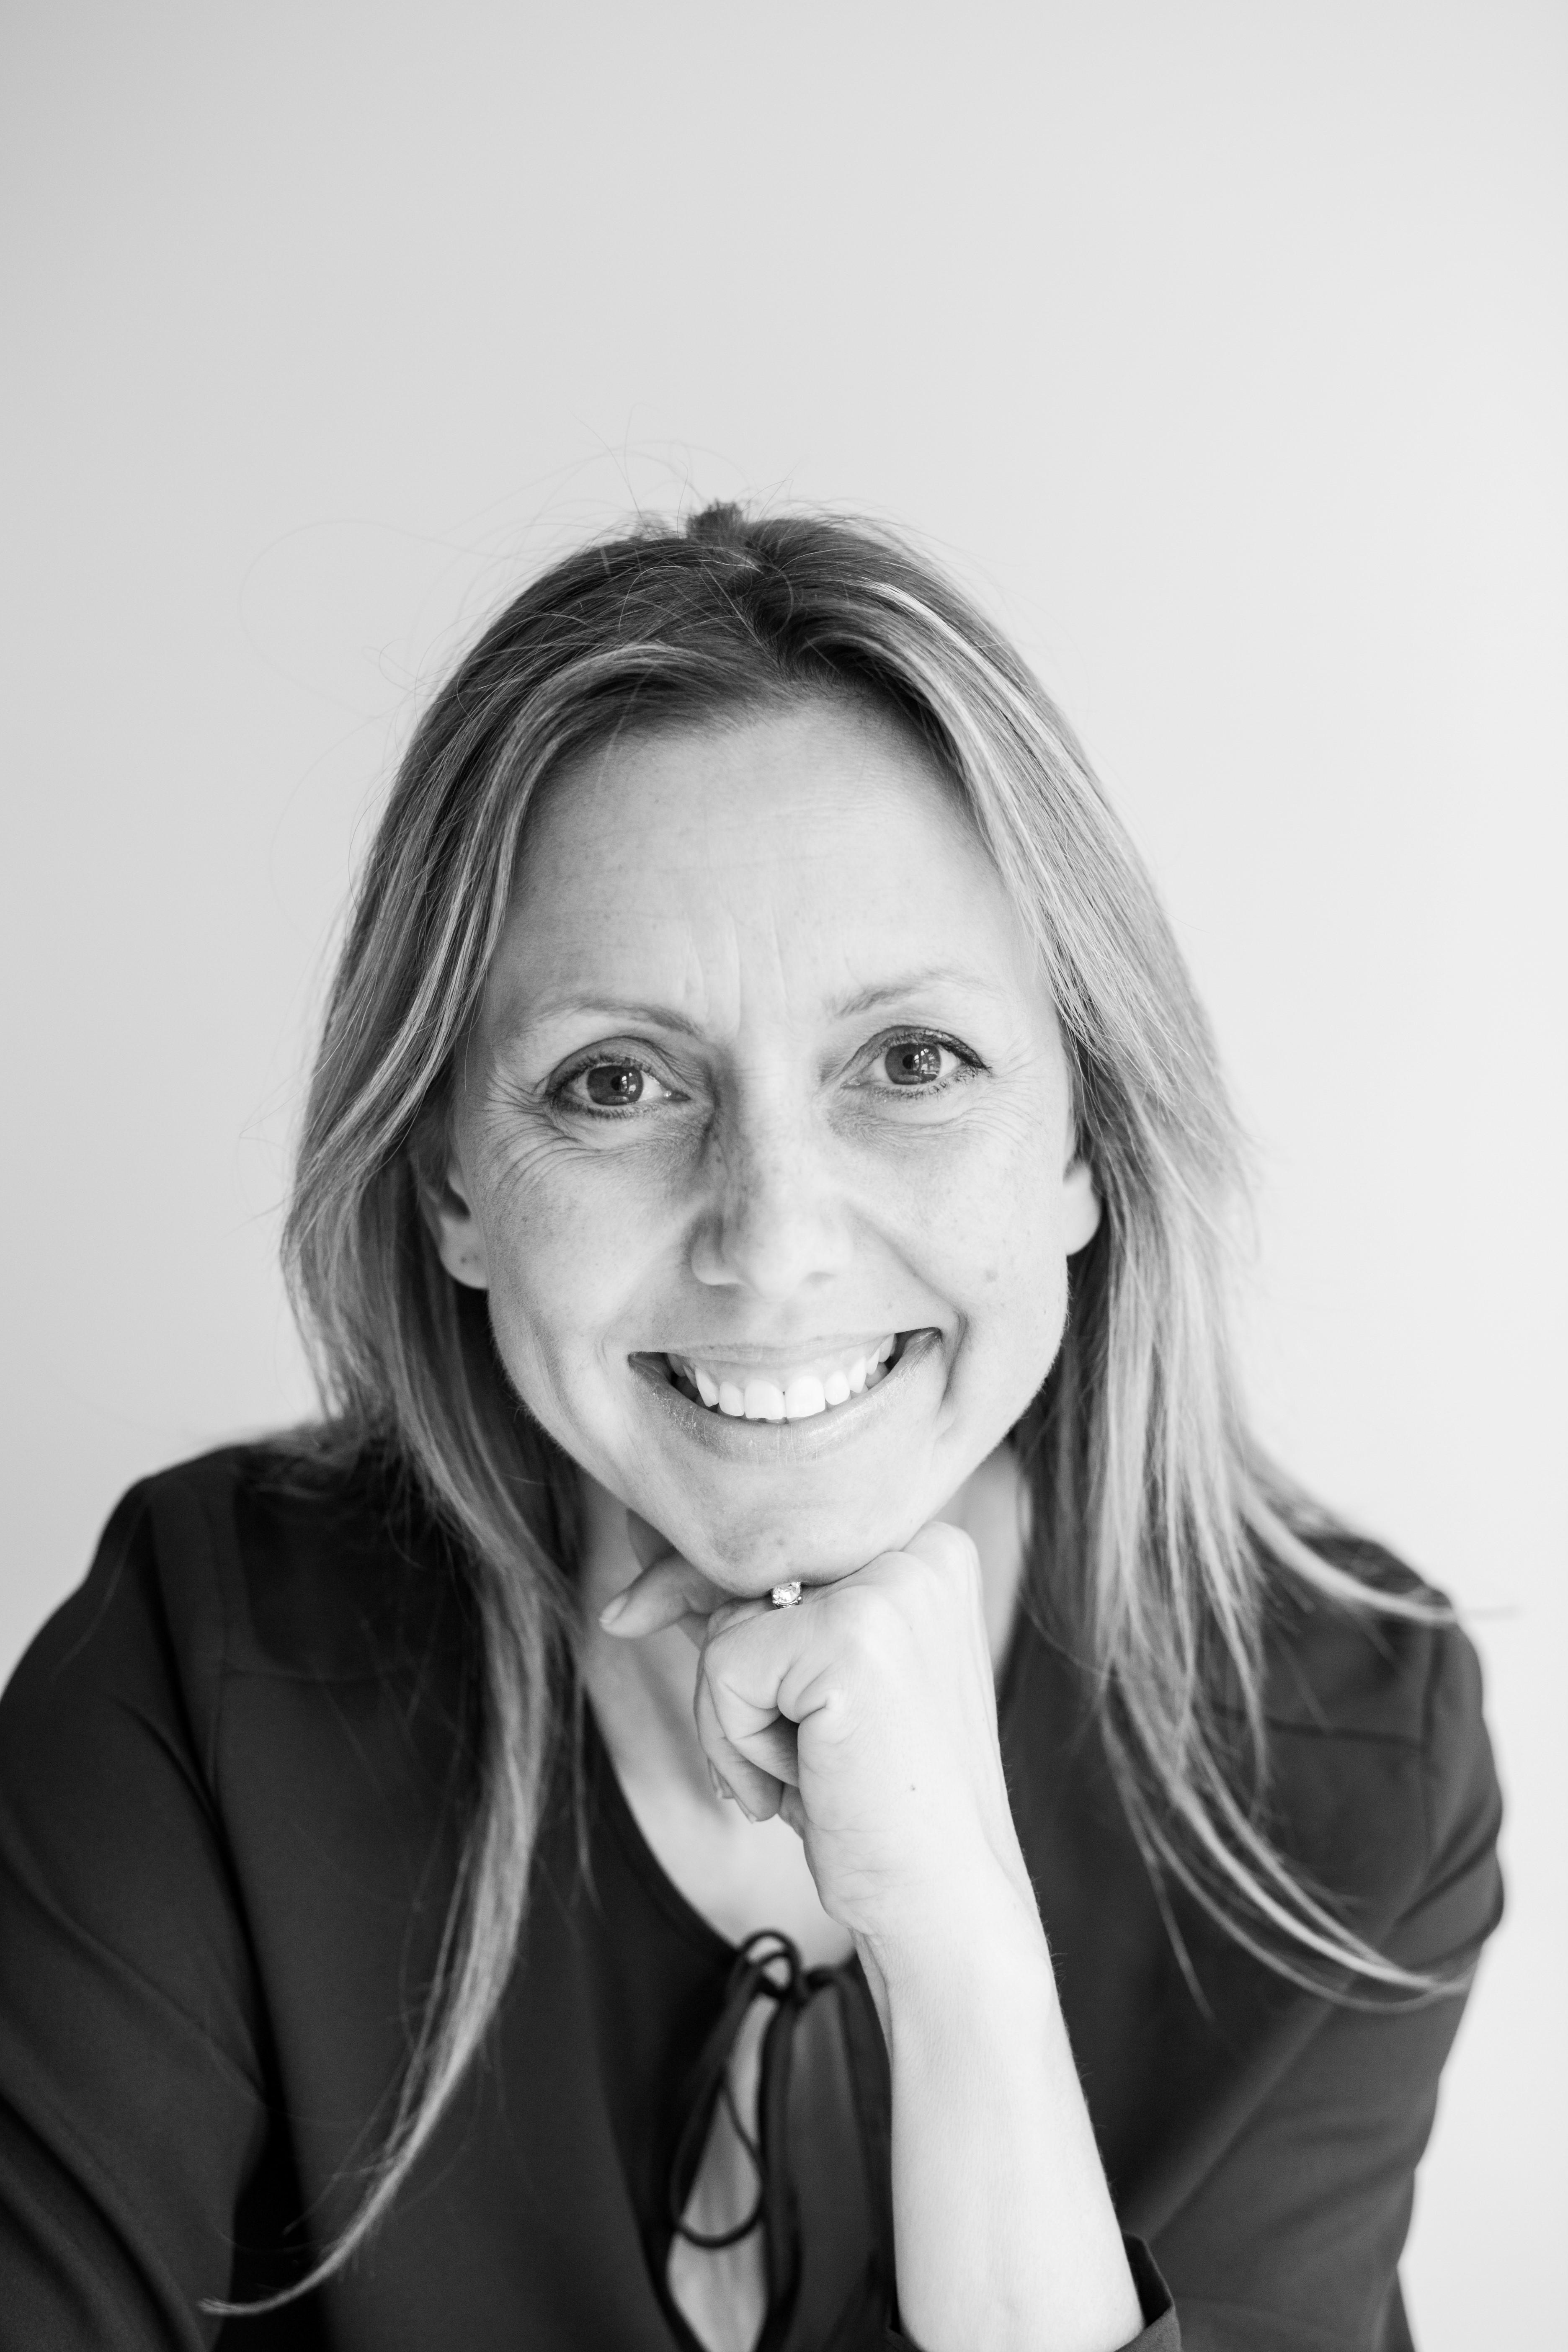 Susannah Hebden